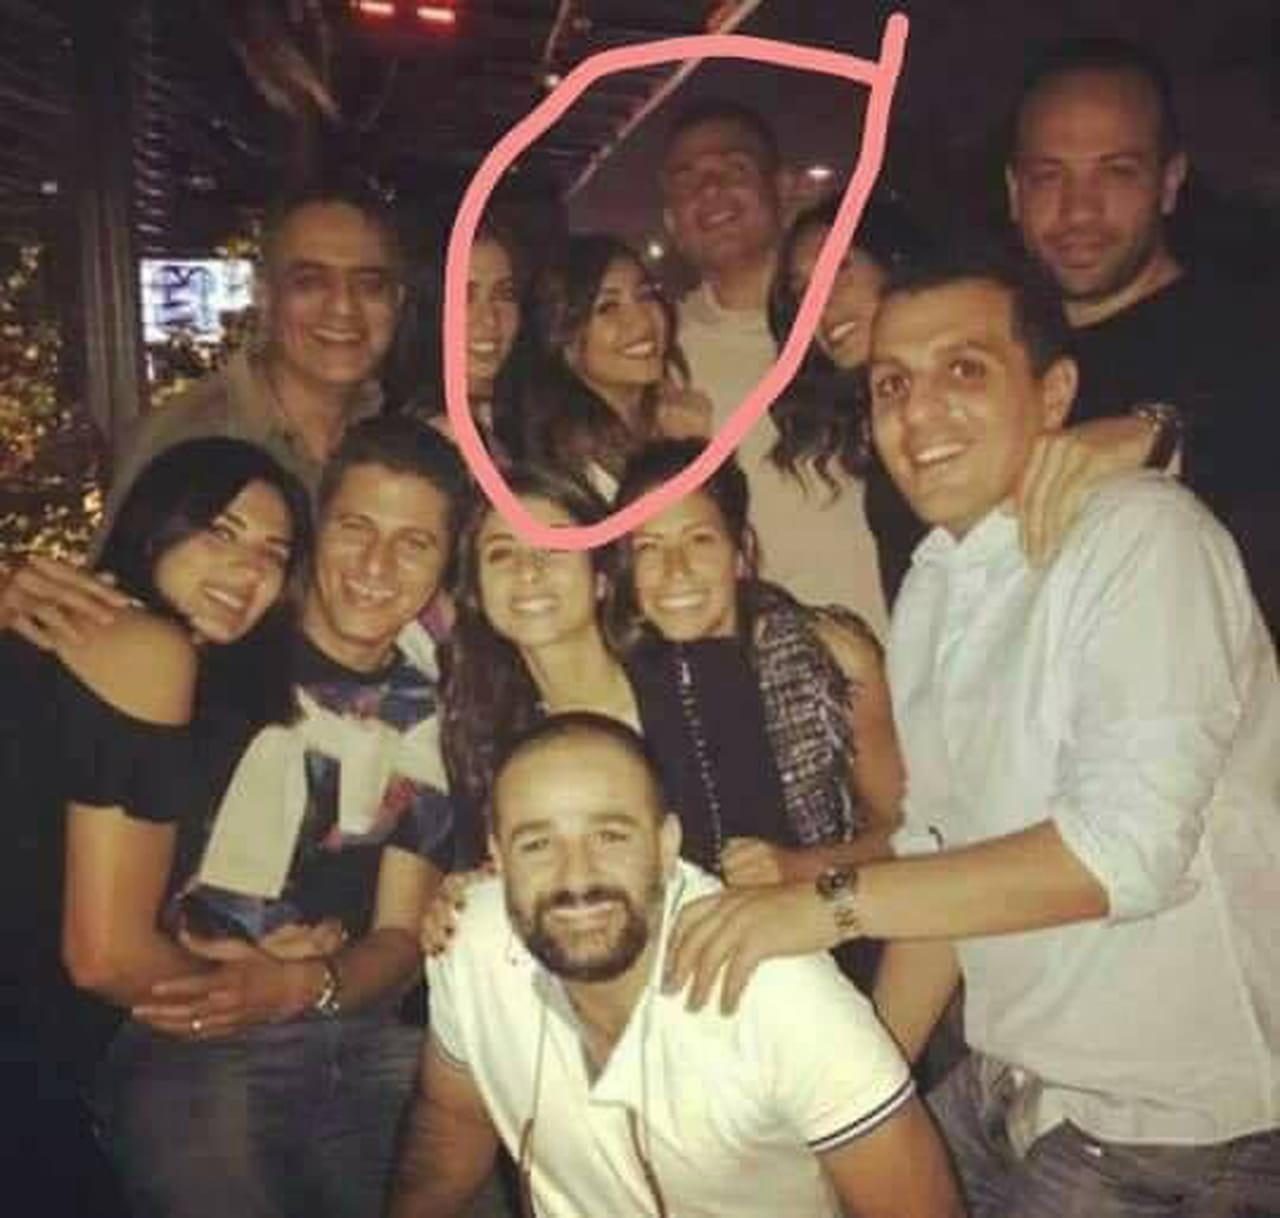 صورة جديدة تؤكد العلاقة العاطفية بين عمرو دياب ودينا الشربيني